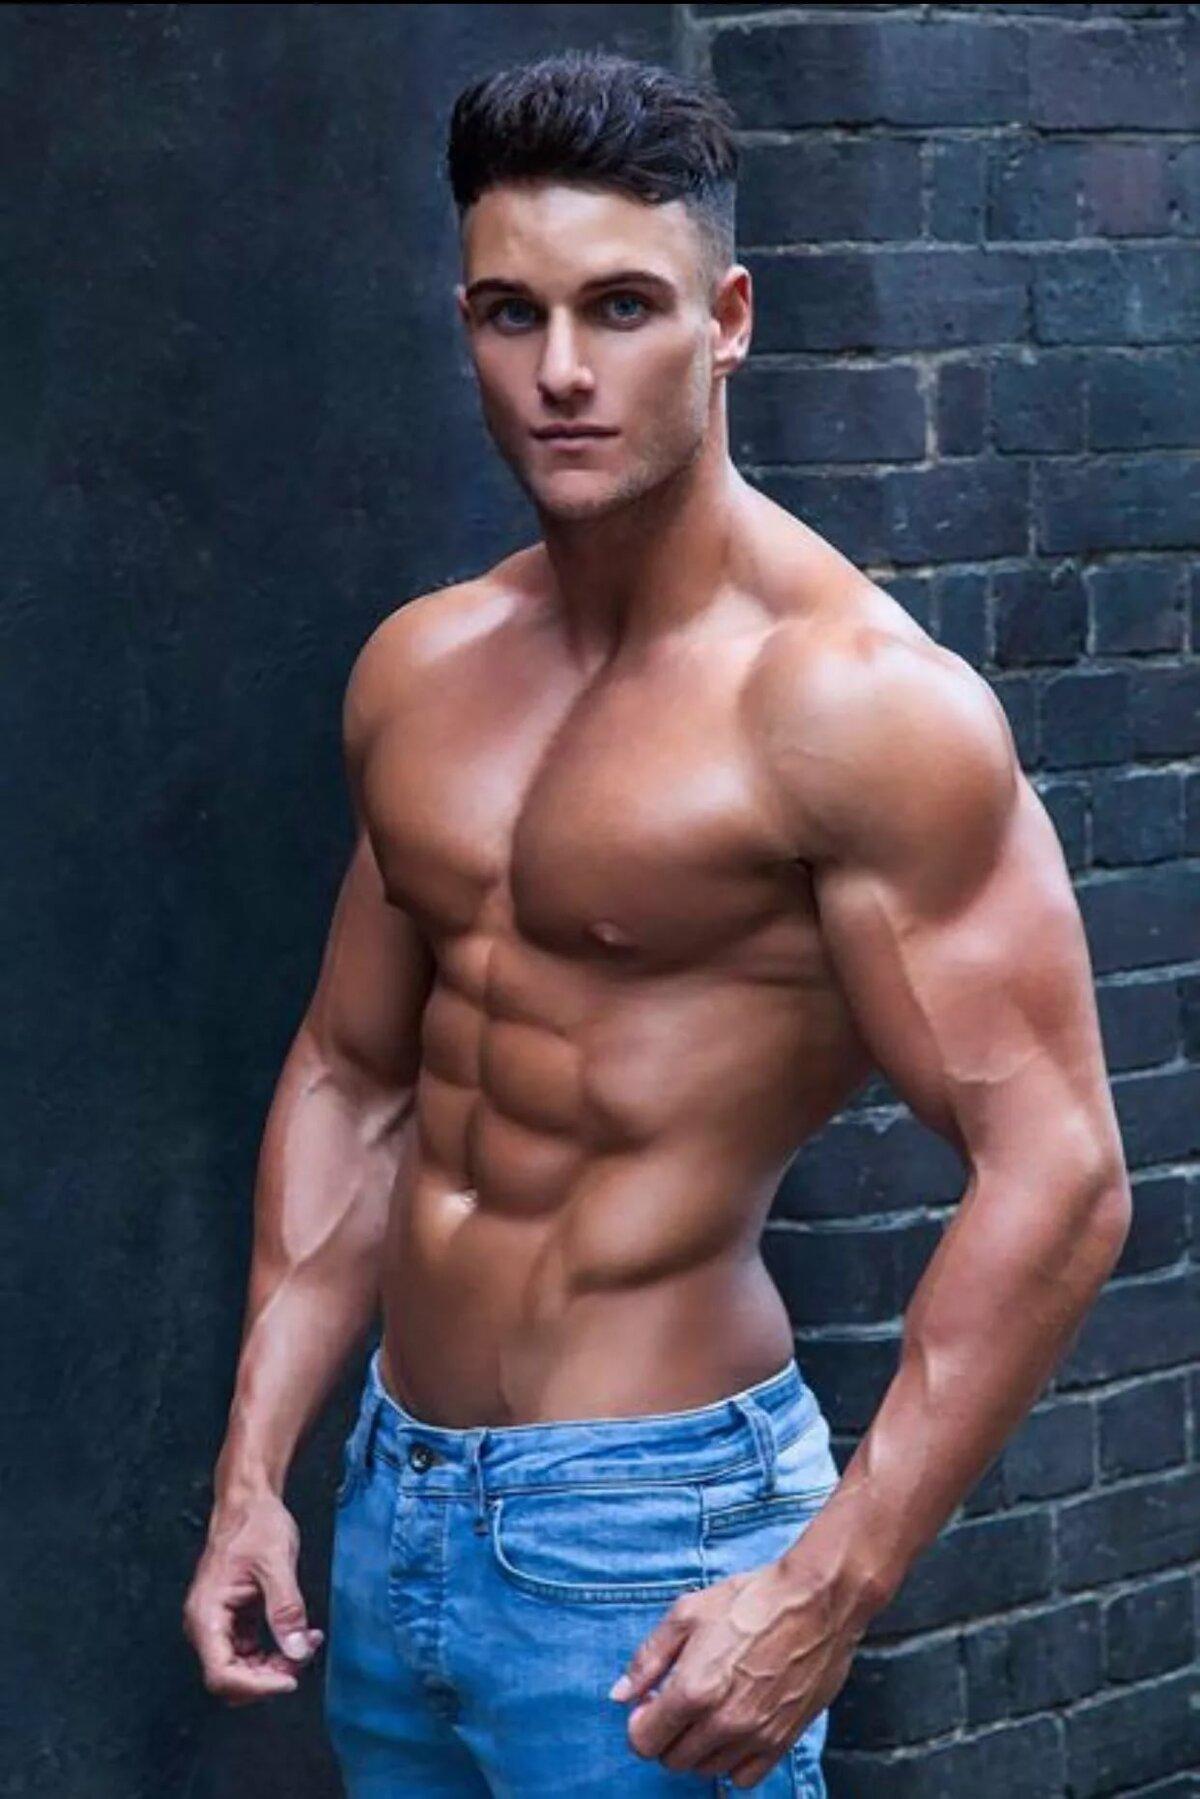 картинка мускулистый парень означало большой